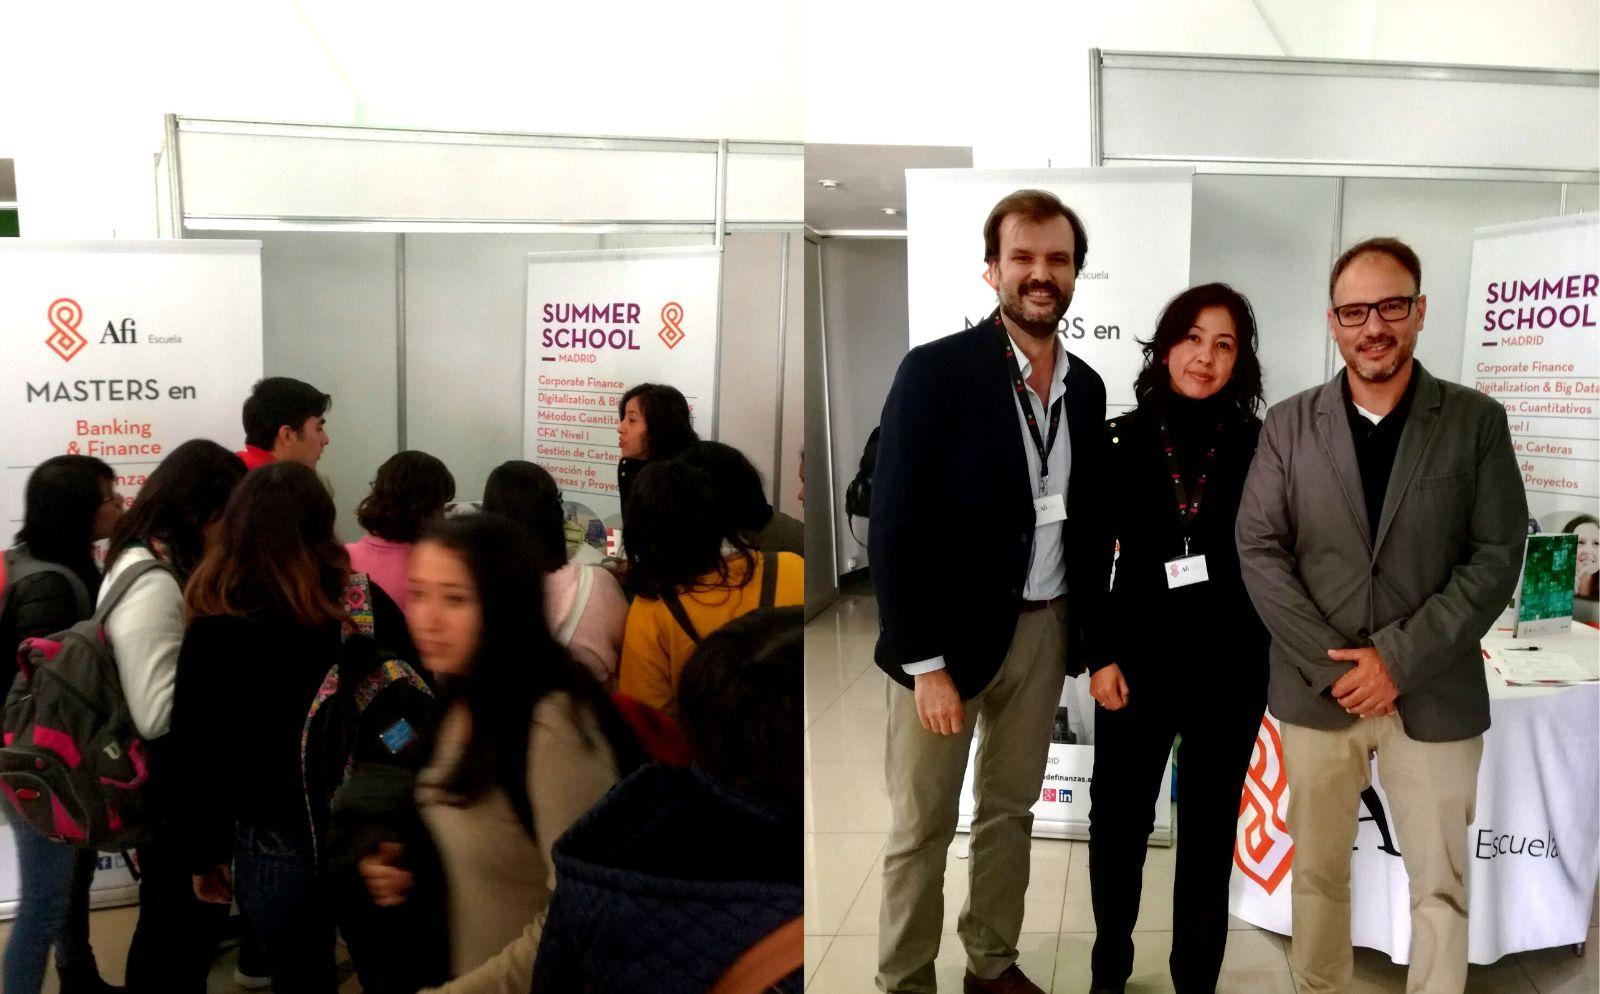 Afi Escuela - Jornada España en un día